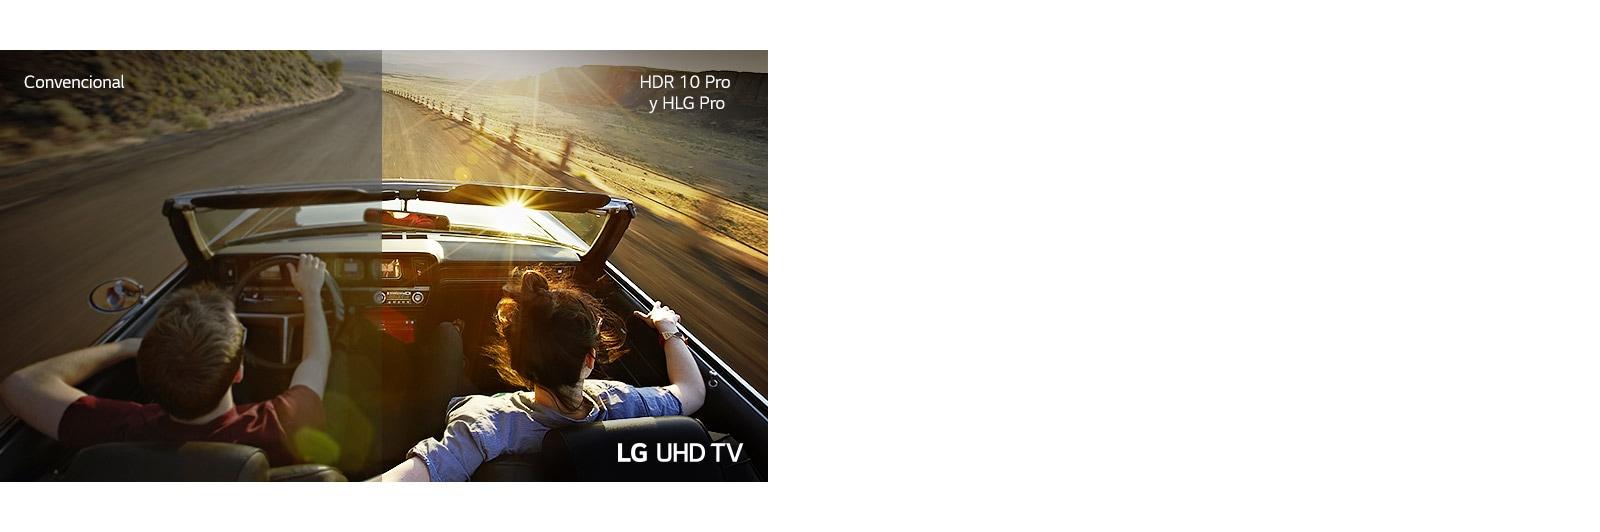 Una pareja en un coche conduciendo por una carretera. La mitad se muestra en una pantalla convencional con baja calidad de imagen. La otra mitad se muestra con una calidad de imagen de TV LG UHD nítida y vívida.